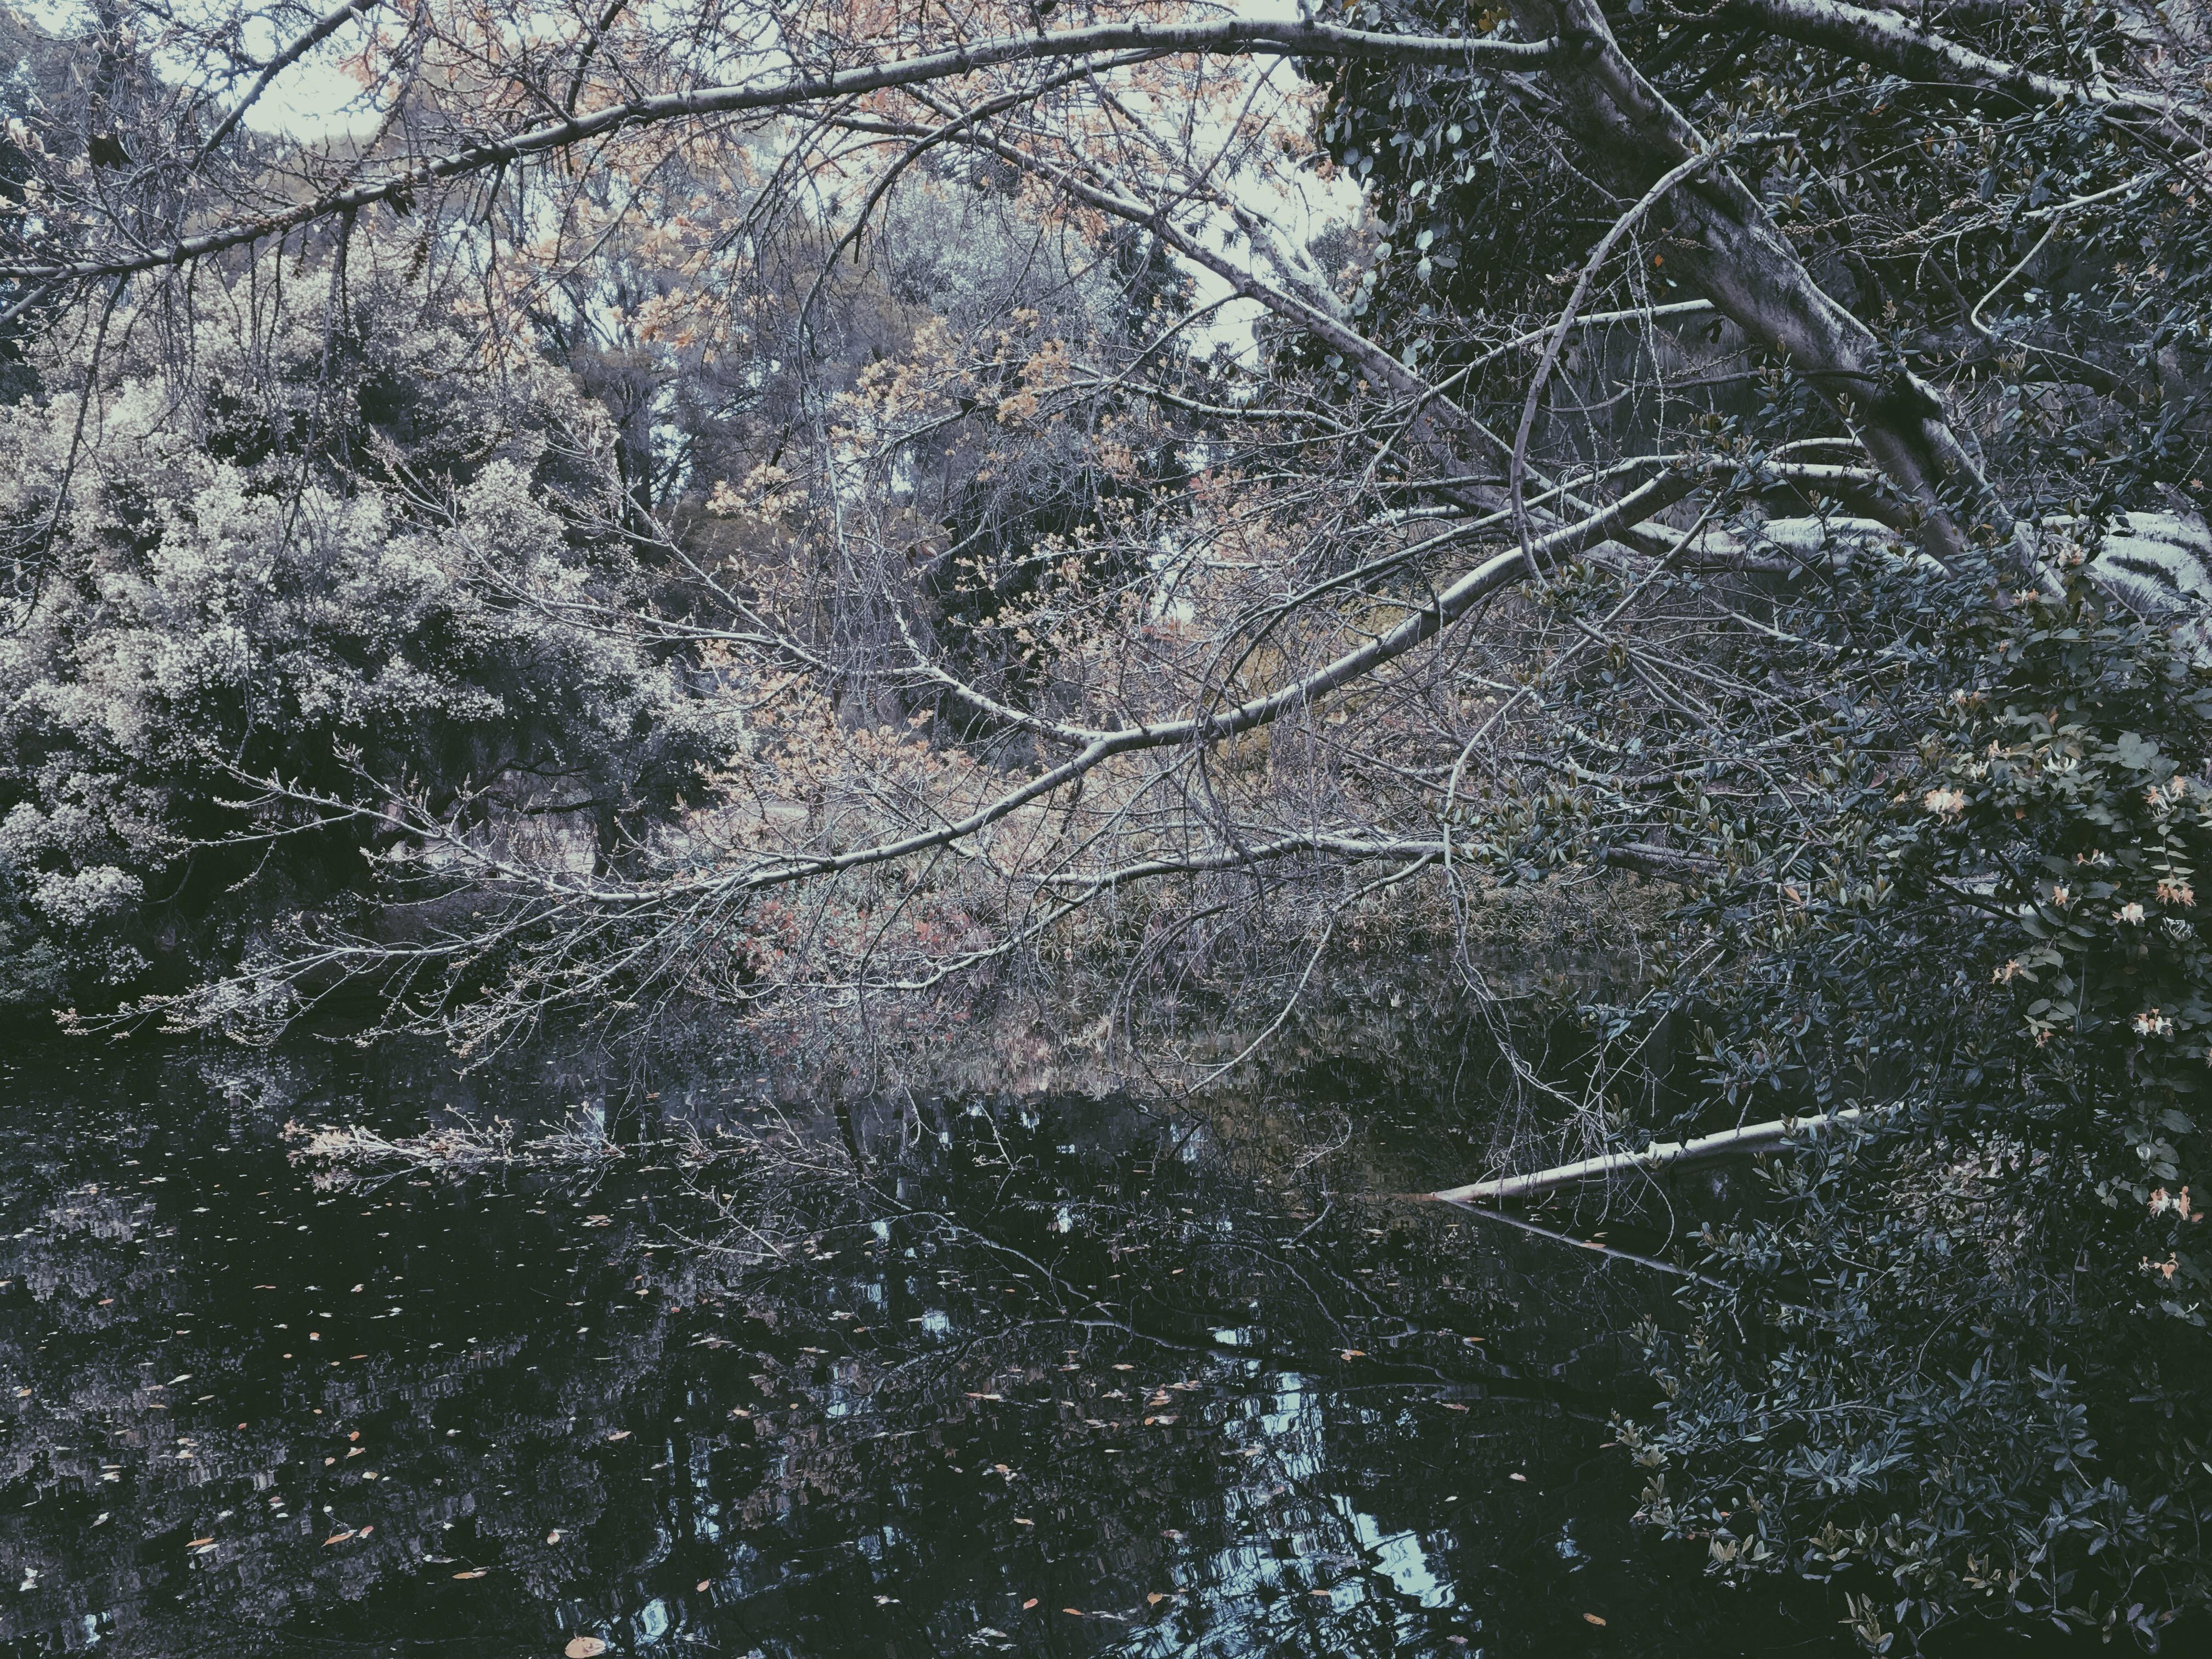 lake forlorn